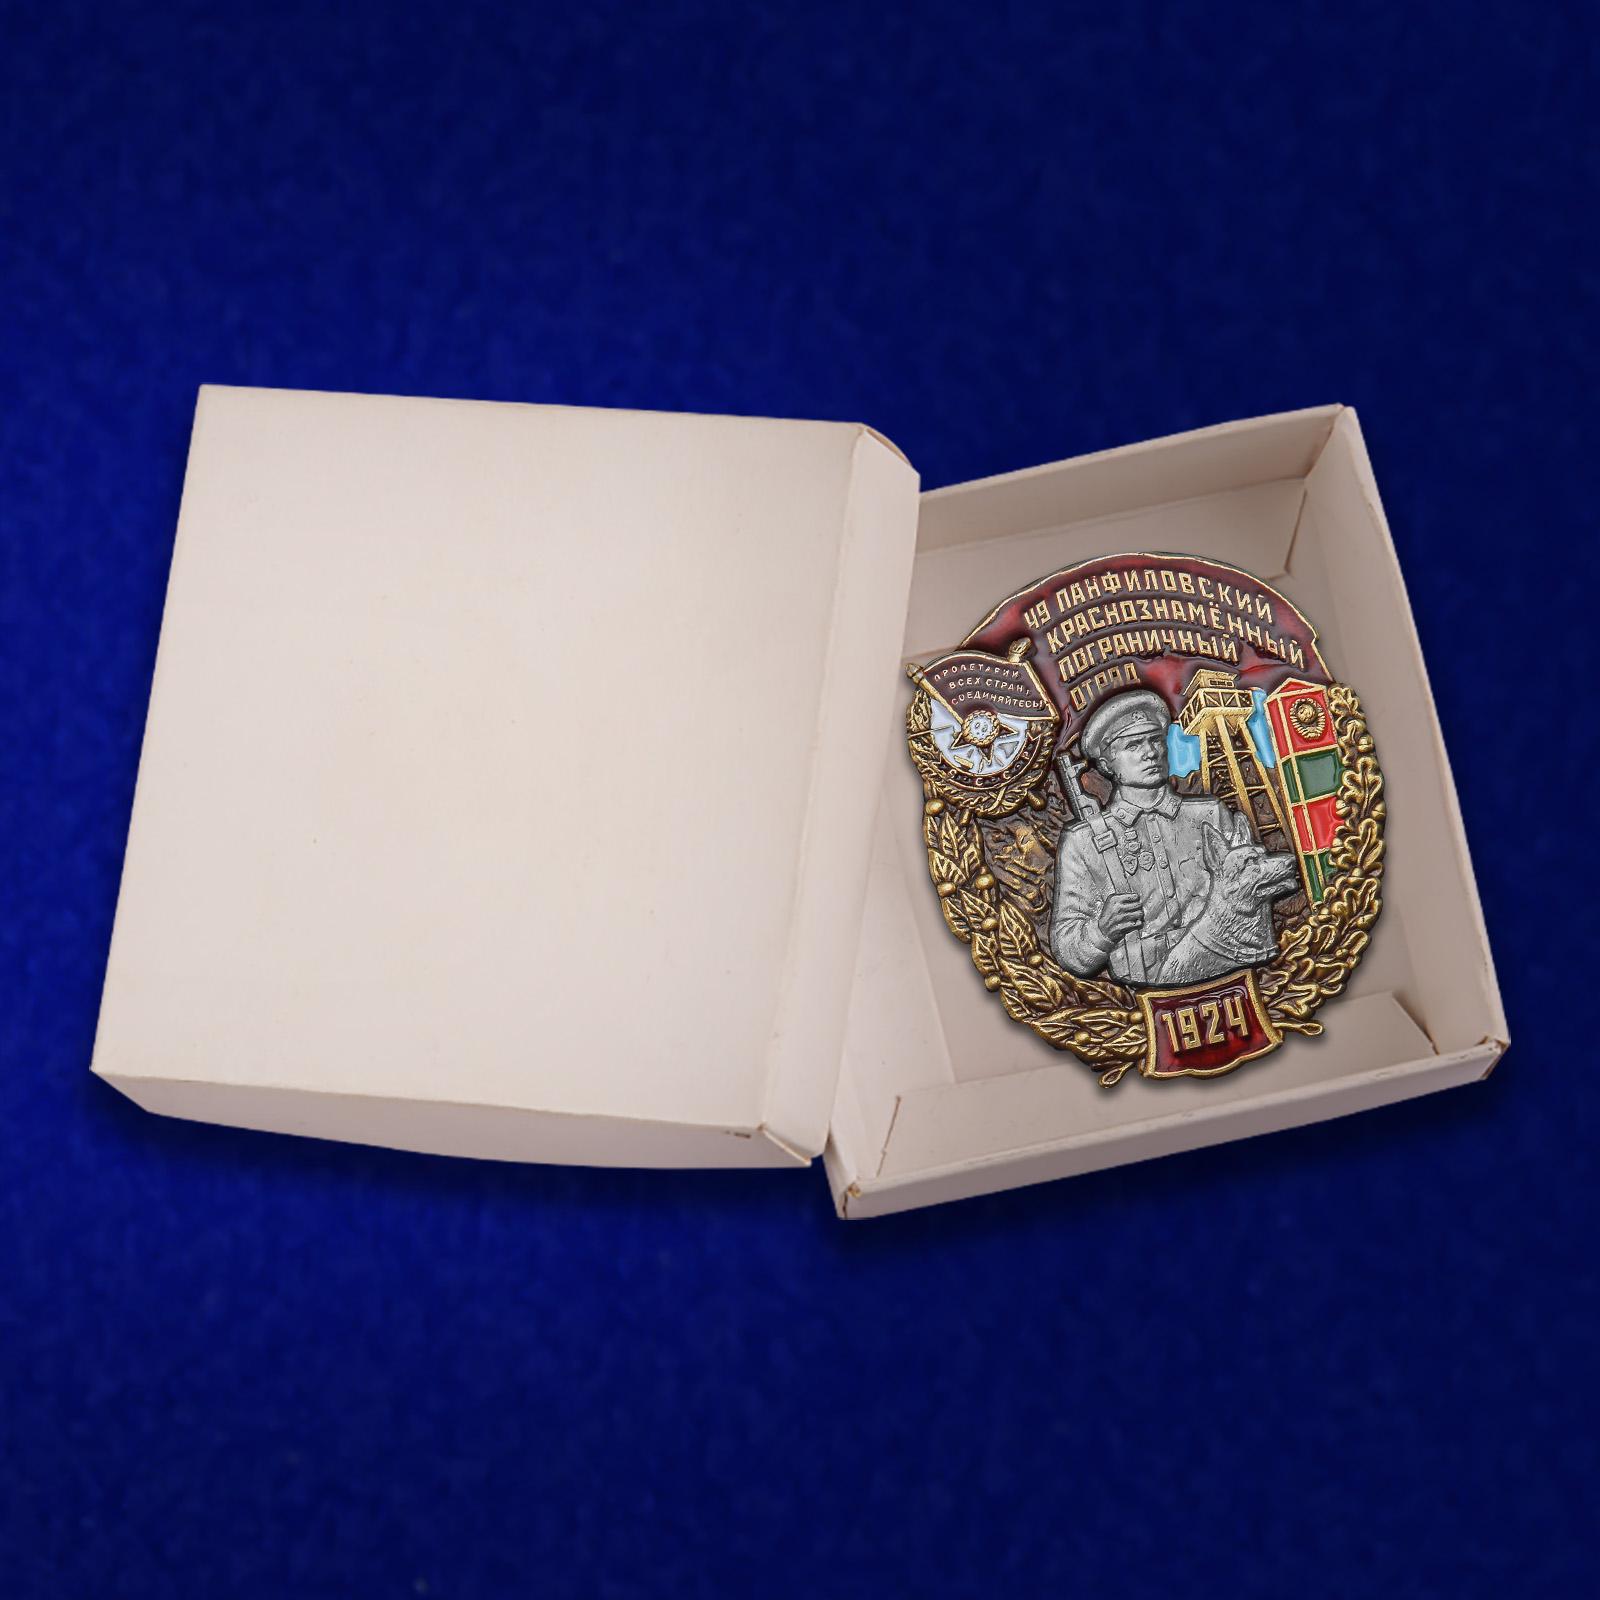 Знак 49 Панфиловский Краснознамённый Пограничный отряд - с доставкой